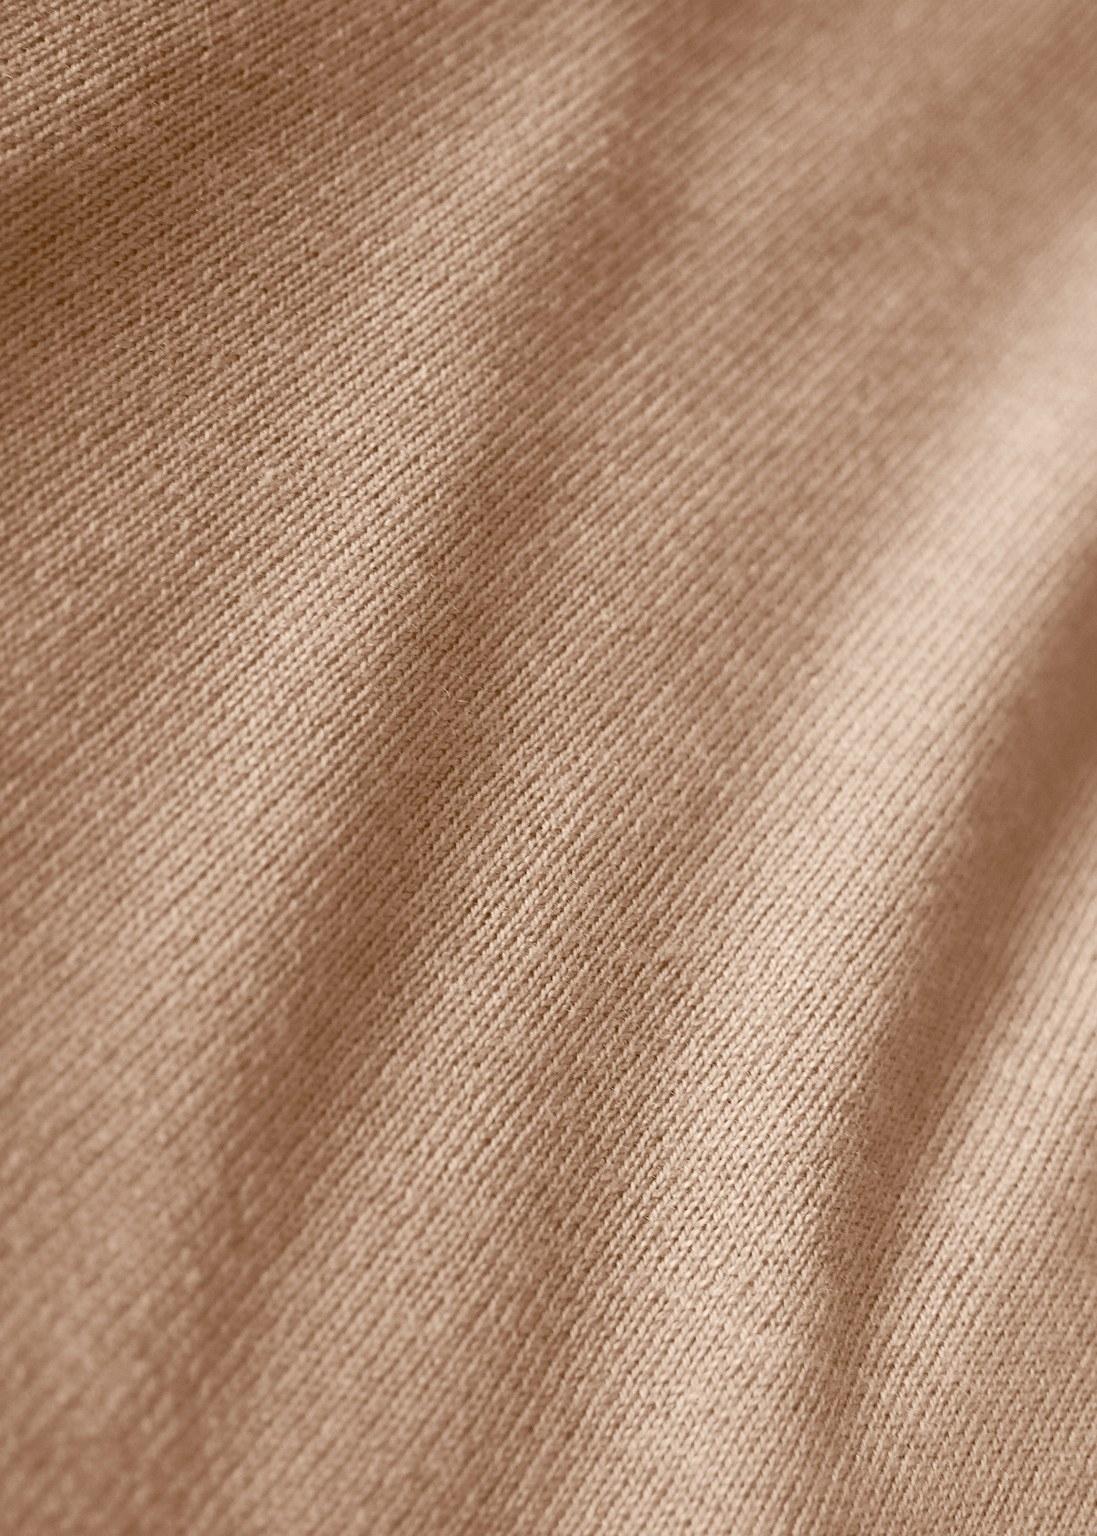 Tunnetko tekstiilien hoito-ohjemerkinnät?